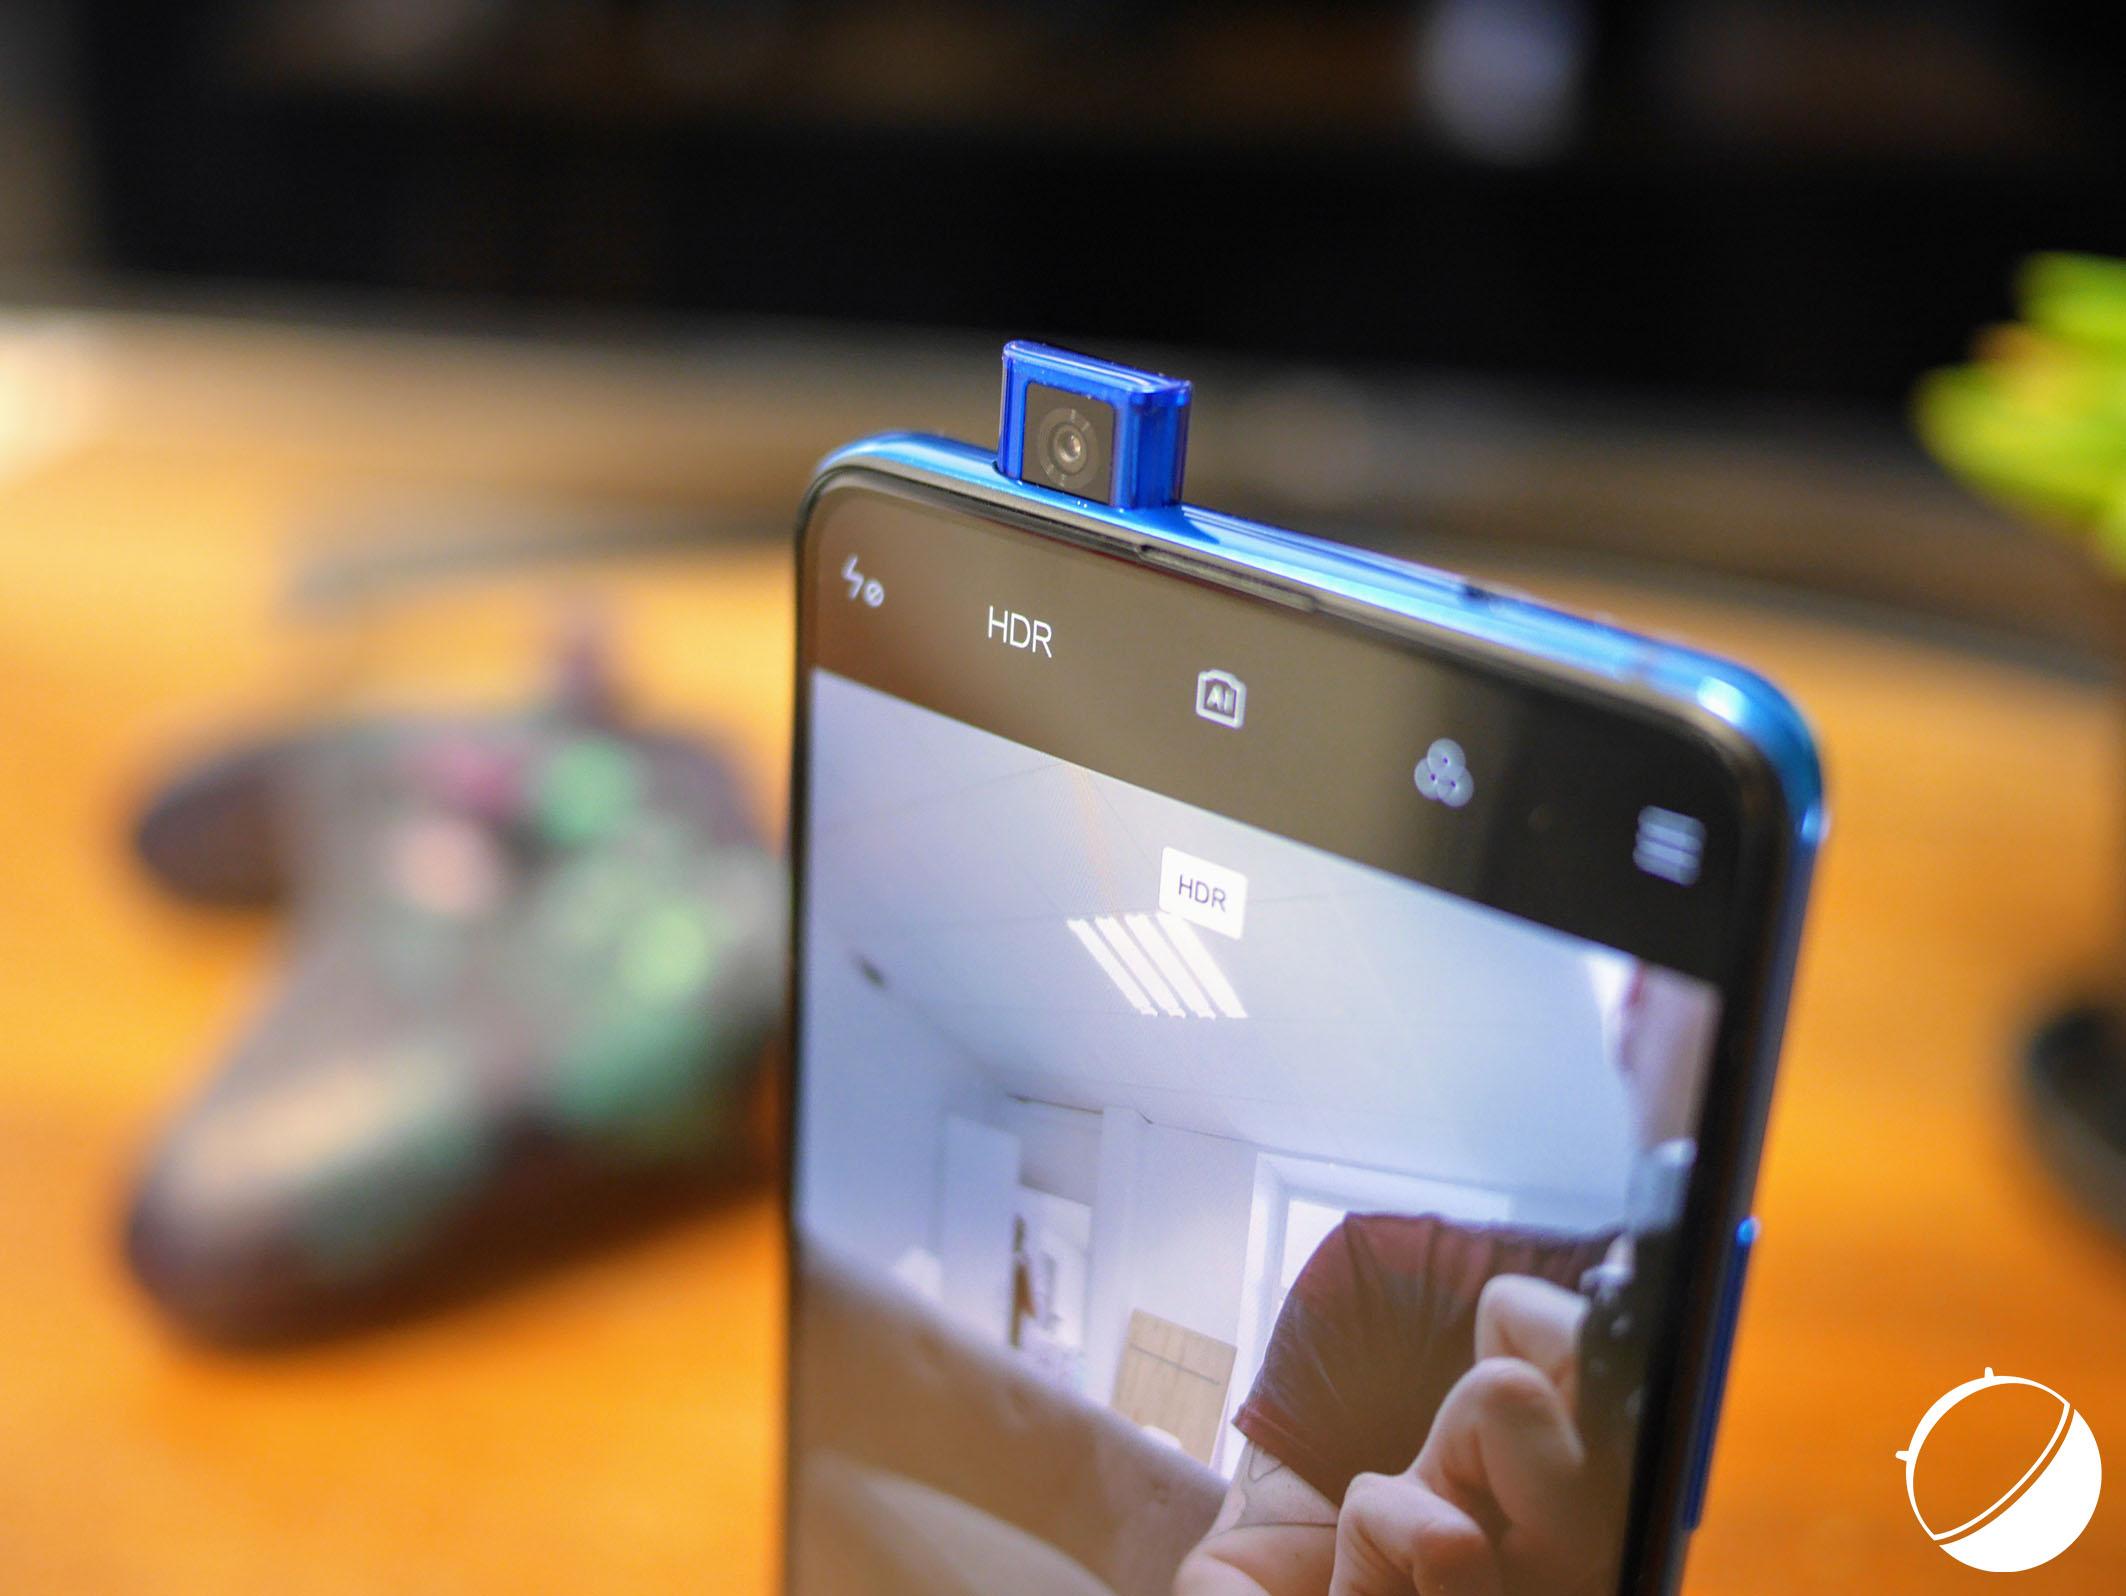 Xiaomi Mi 9T Pro en approche, Free bloqué par Altice (SFR) sur TV et débits Netflix – Tech'spresso